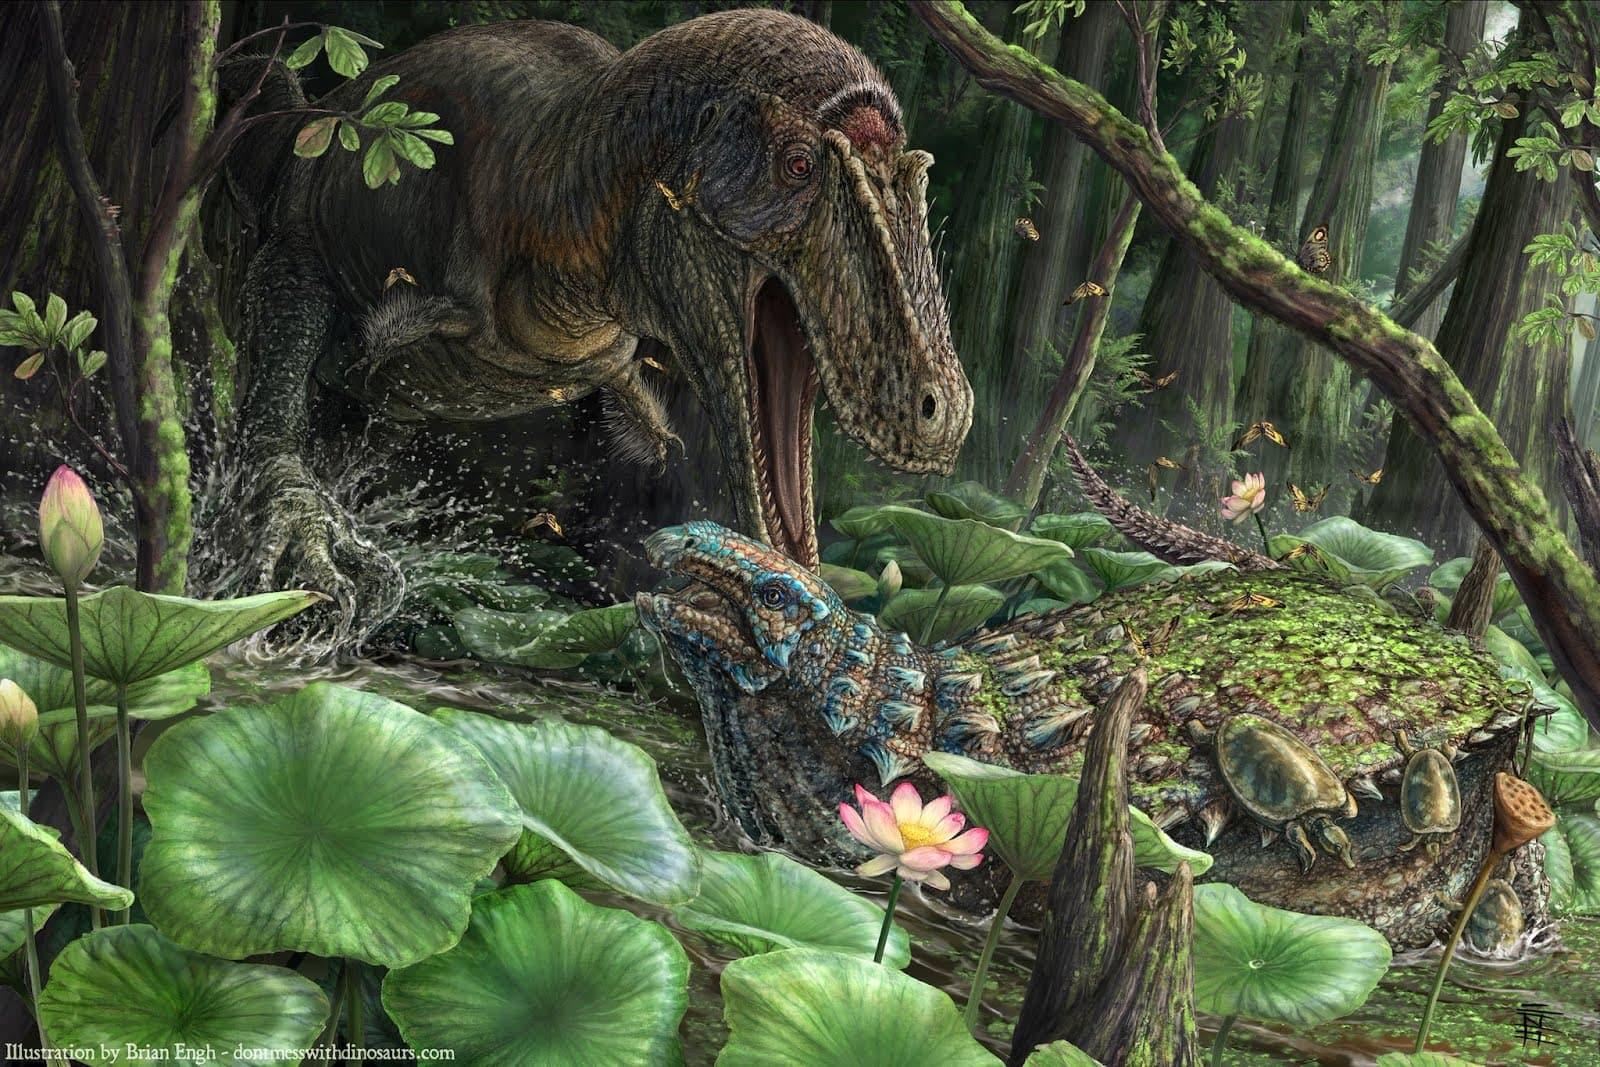 Палеонтологи описали «могучего и ужасного правителя» из семейства тираннозаврид